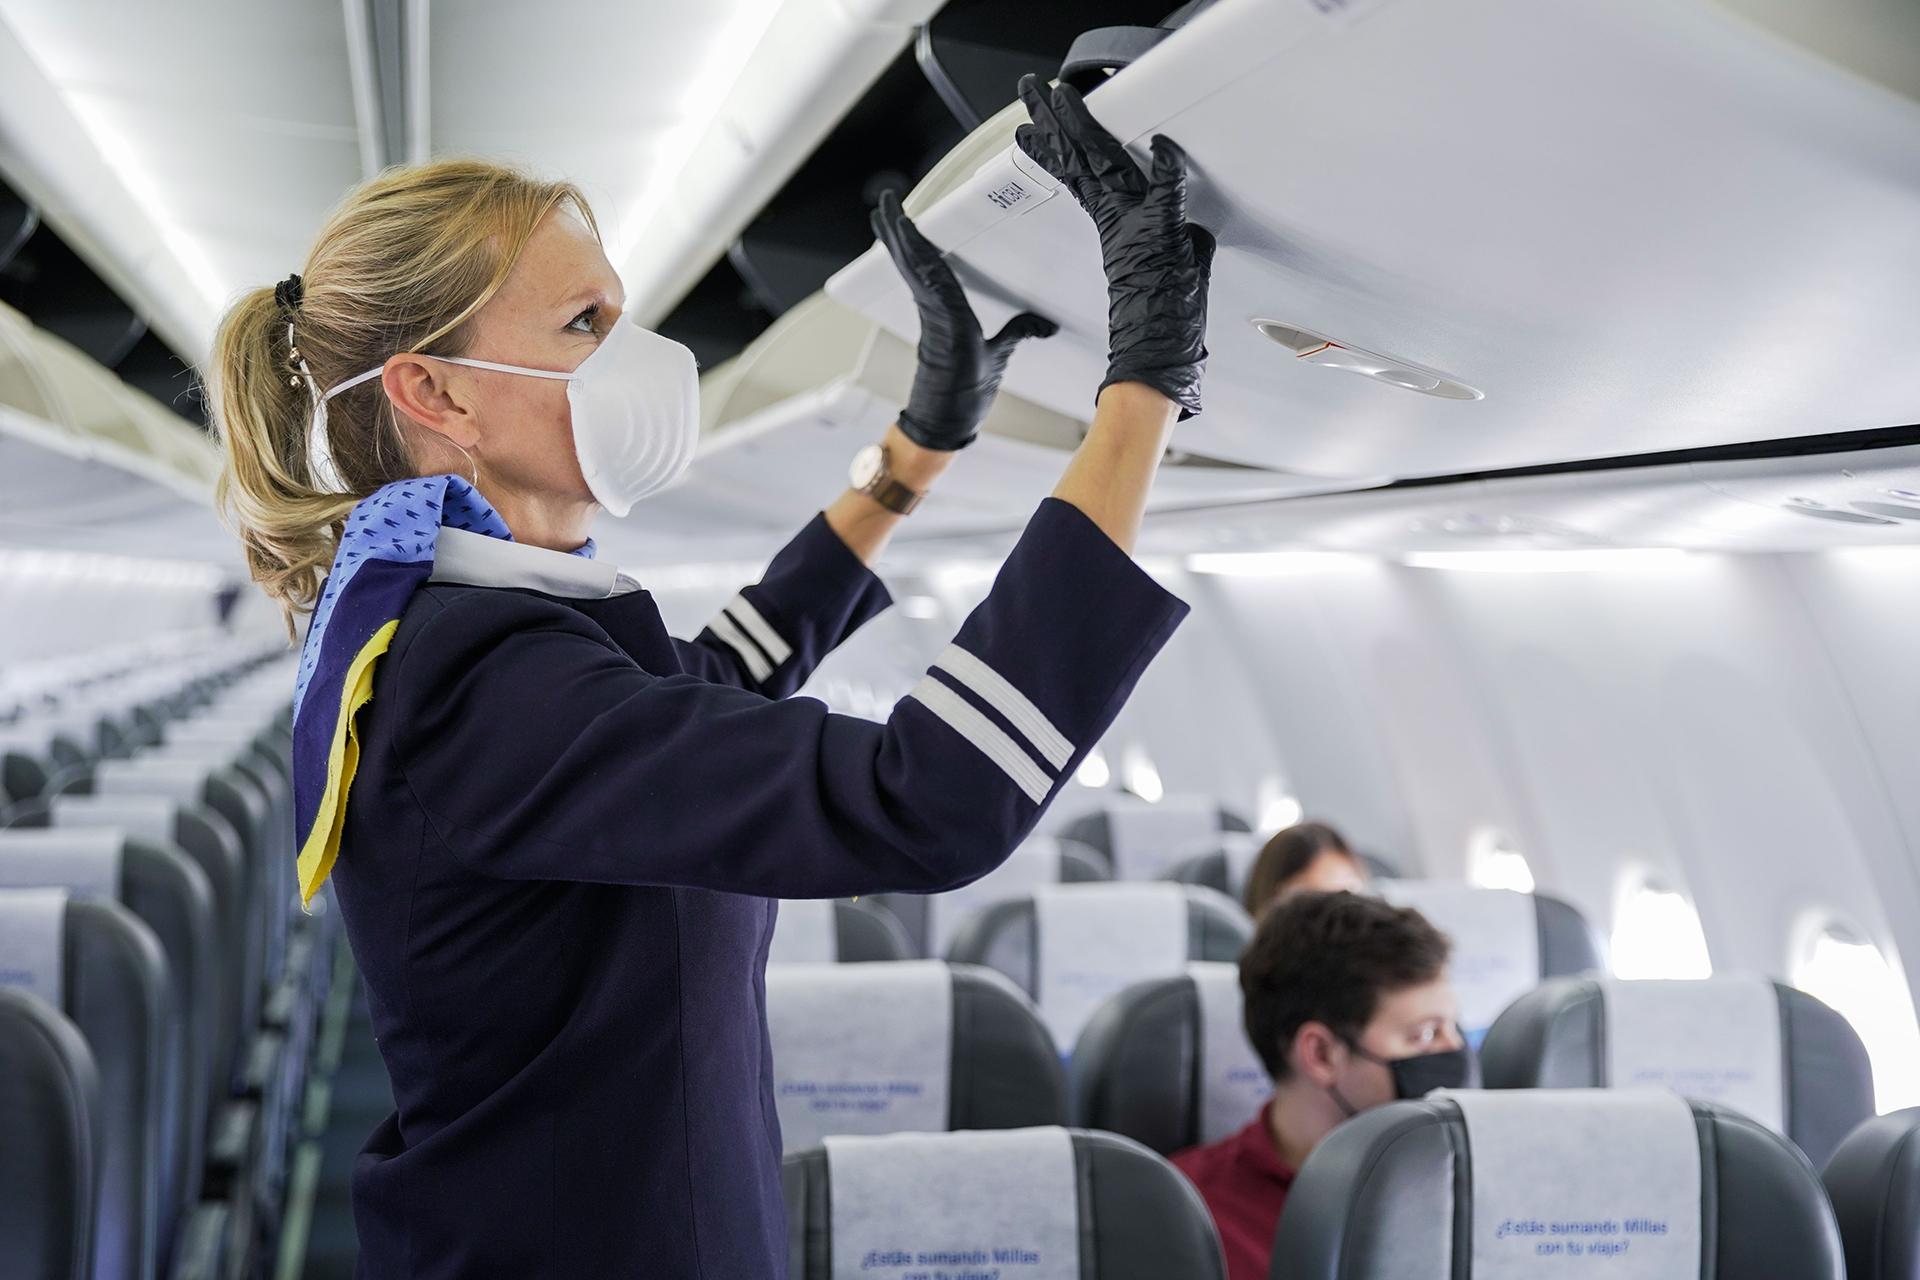 Cómo es el protocolo que aplicará Aerolíneas Argentinas para reanudar sus  vuelos - Infobae